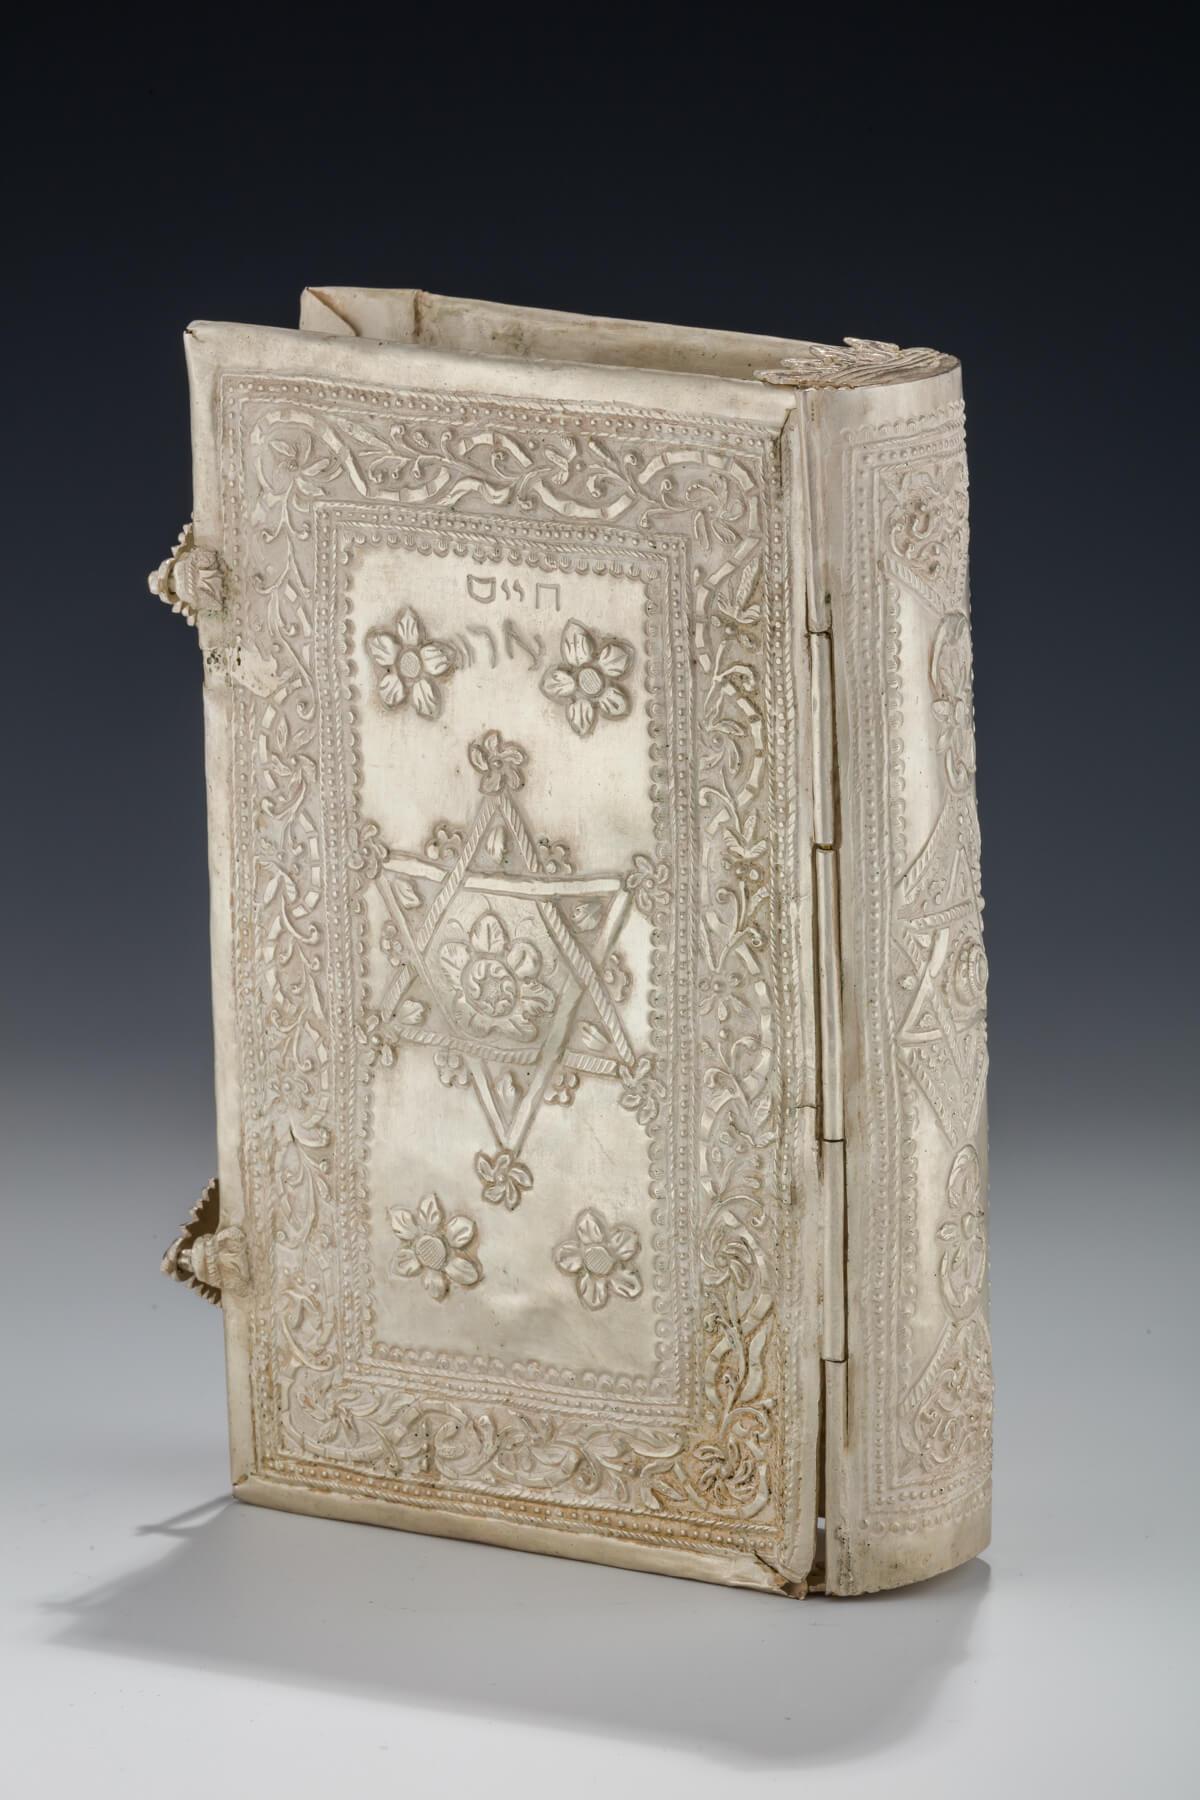 063. A Silver Bookbinding